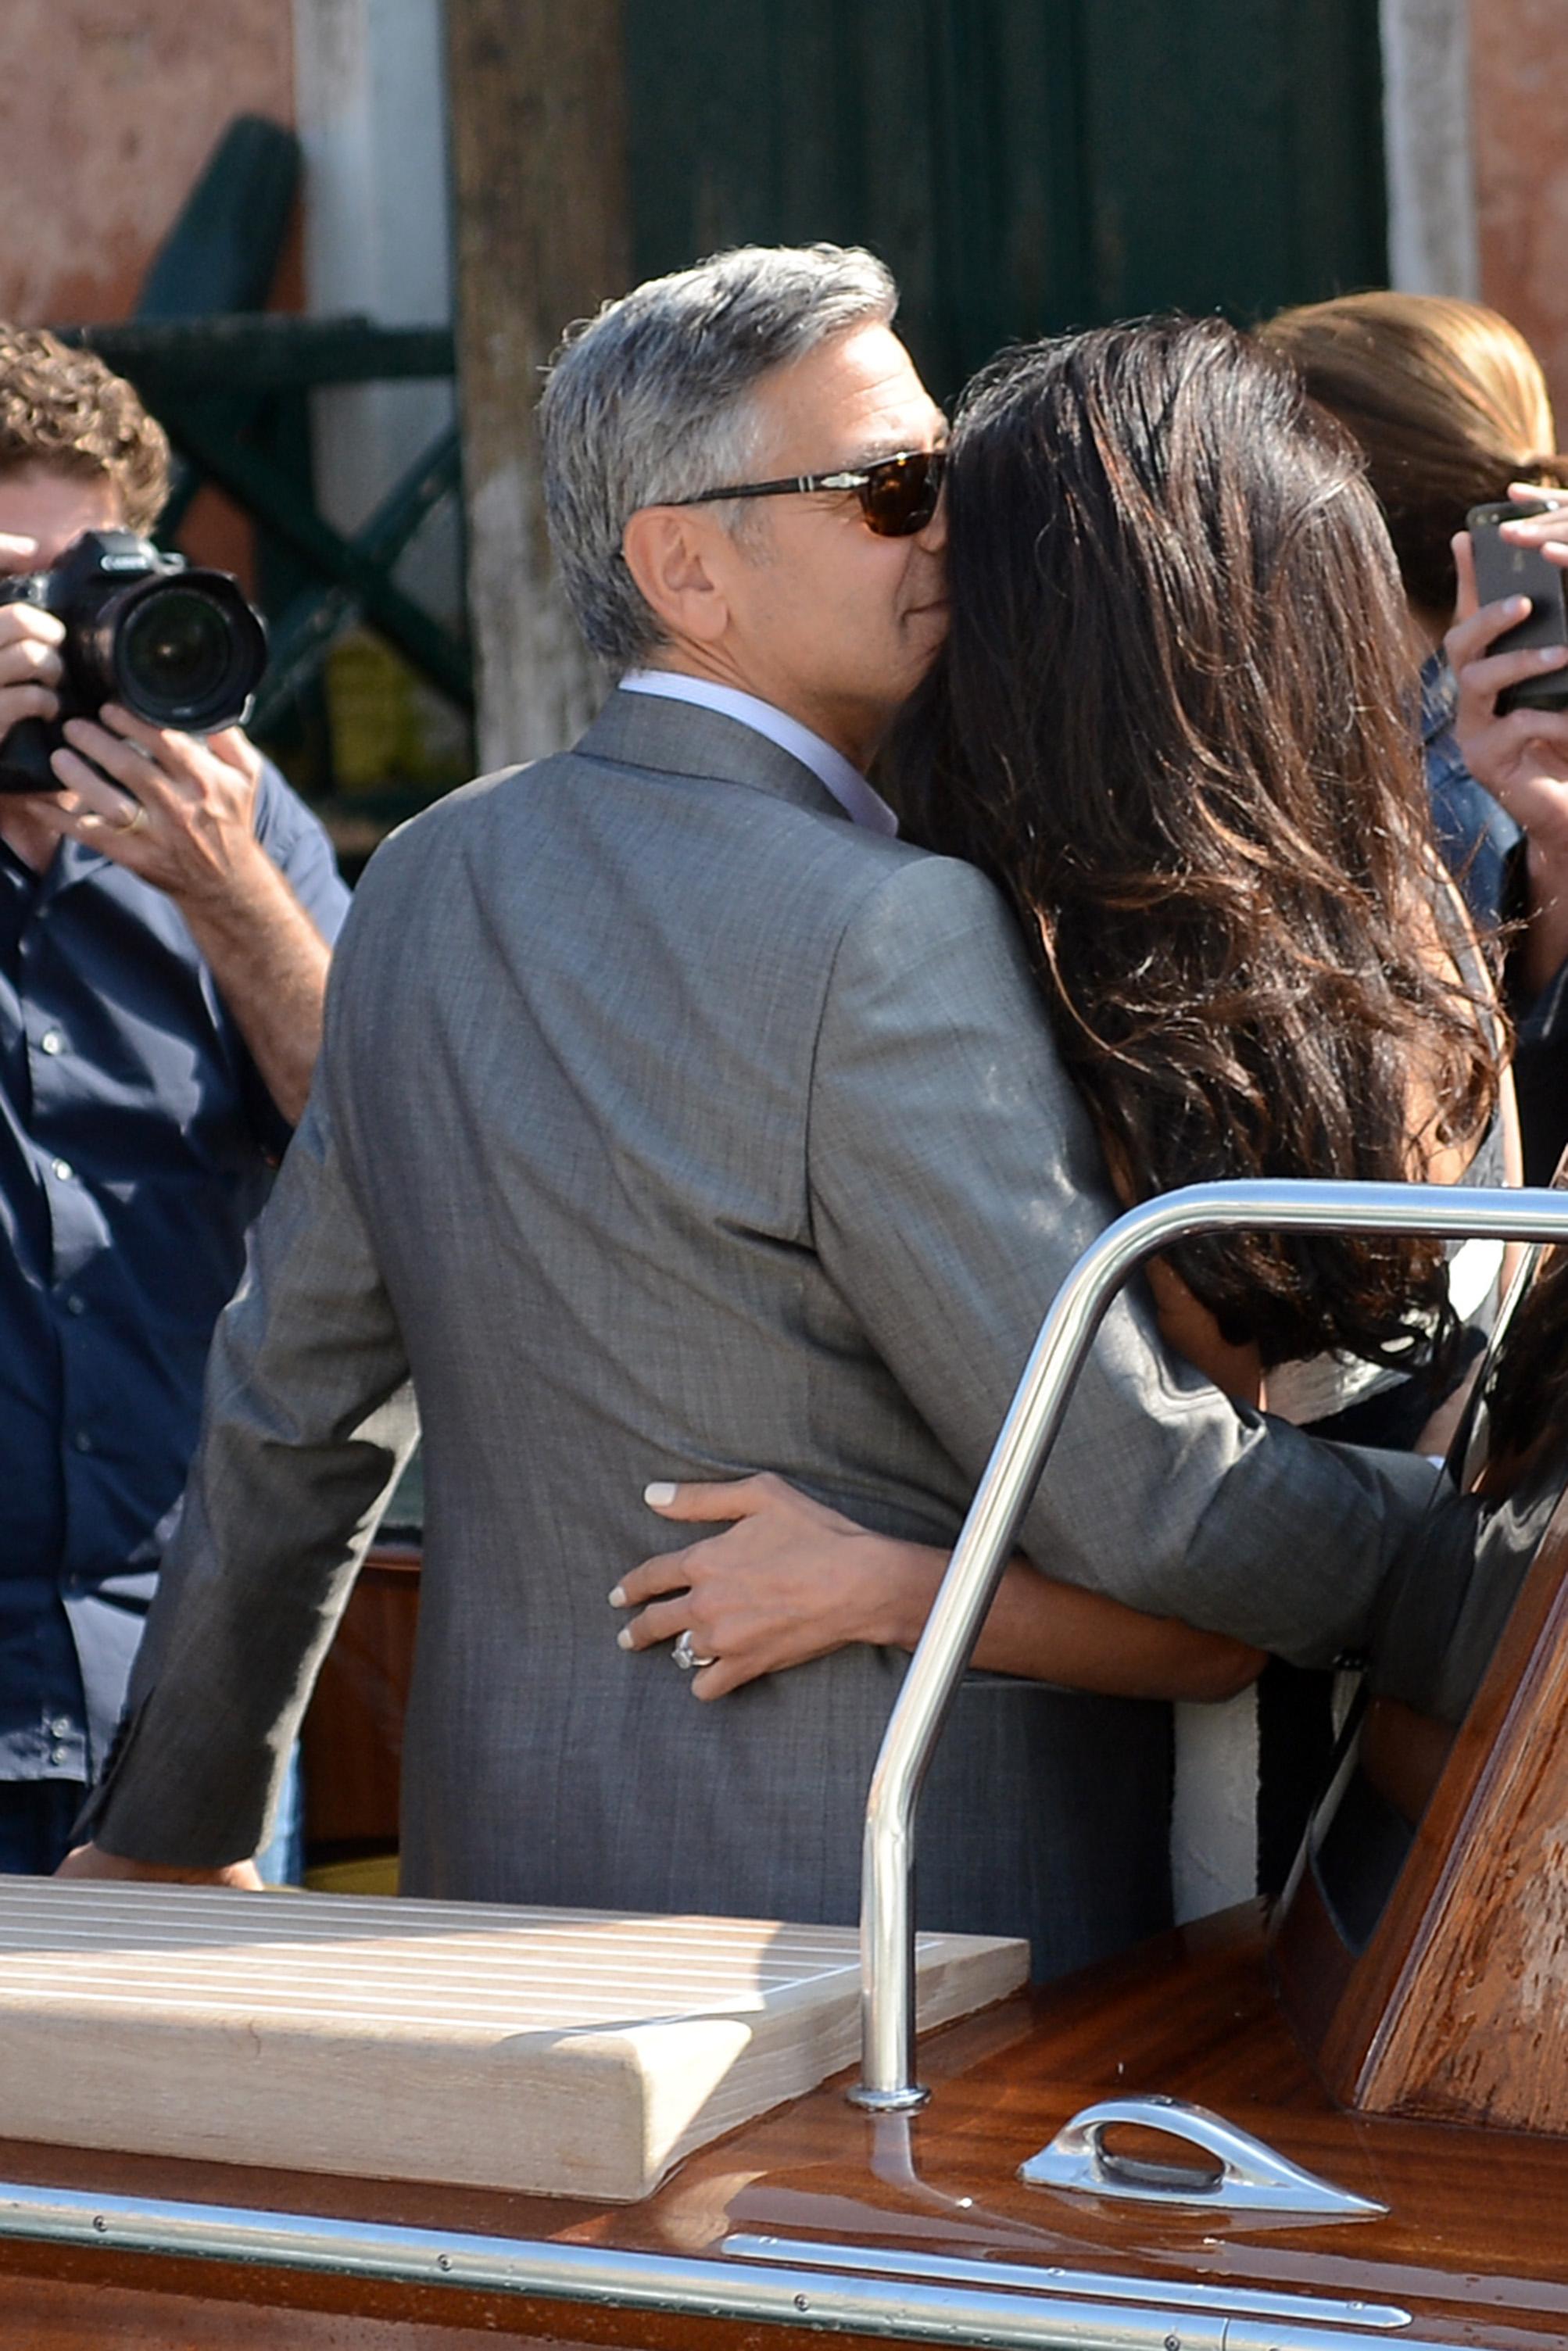 <p>No podemos esperar a ver y saber todos los detalles de la boda de George y Amal. Nunca pensábamos que este día iba a llegarpero como vemos estamos días antes de la celebración.</p>